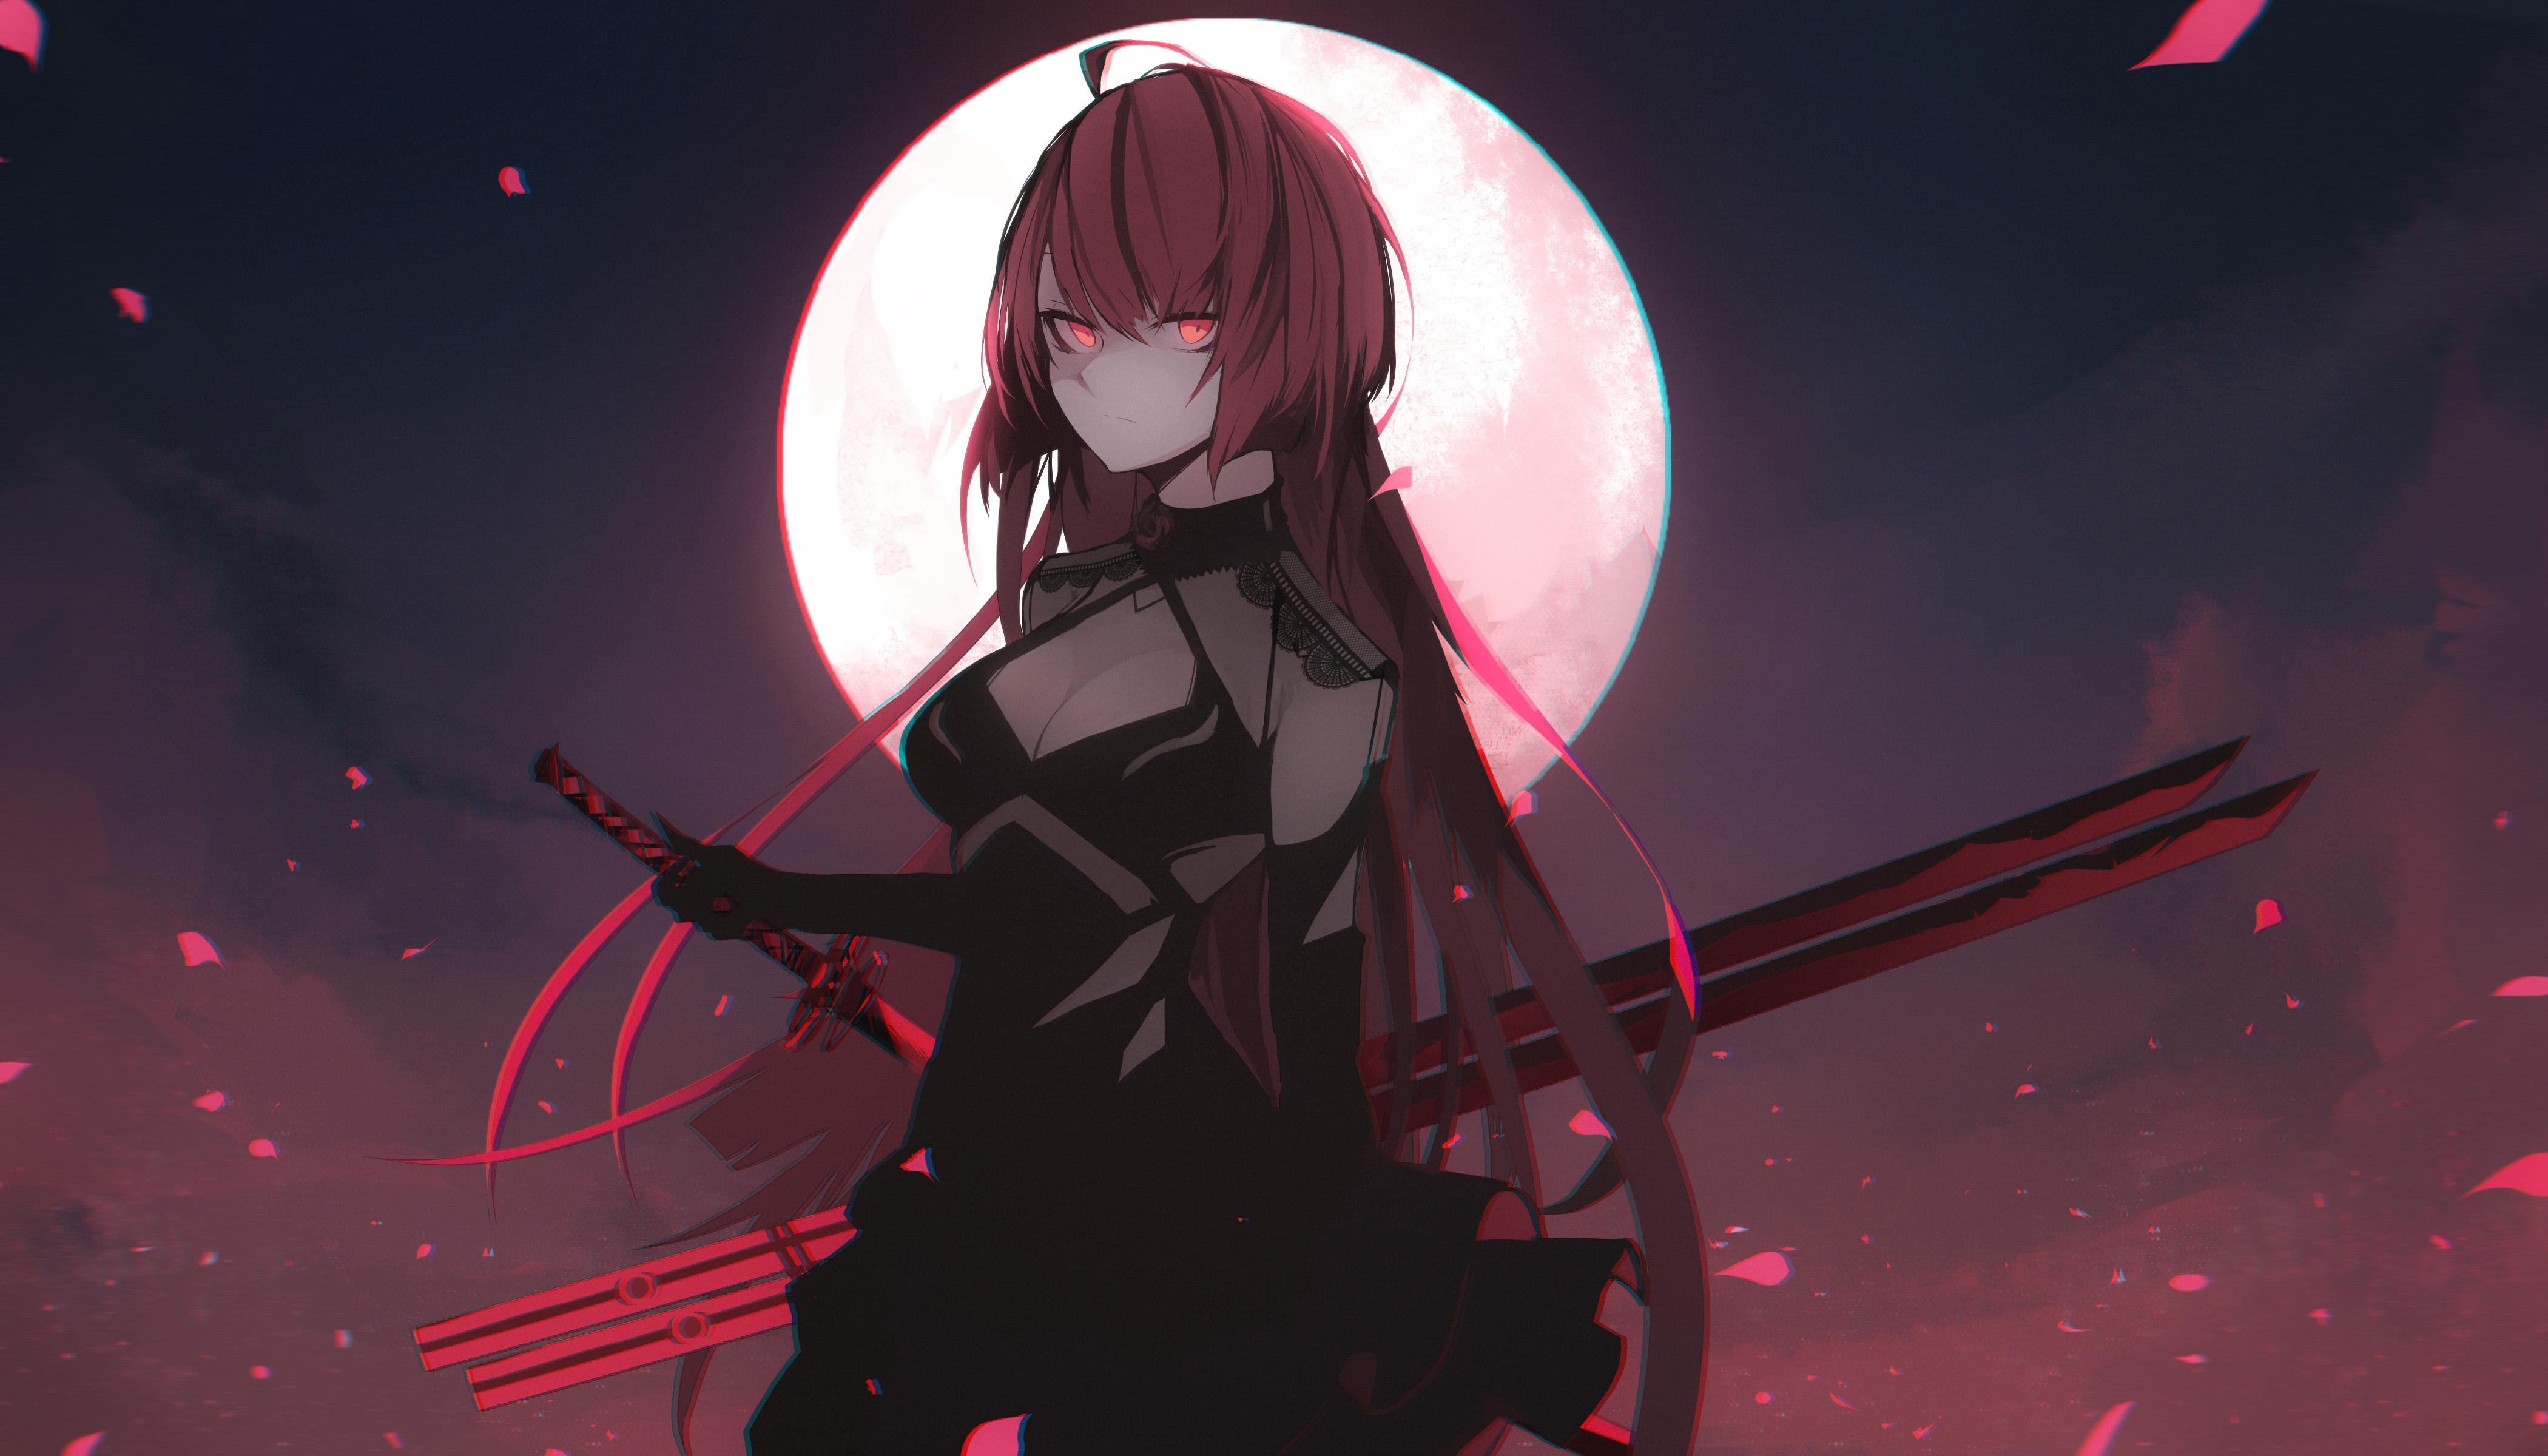 Elesis Elsword Anime Character 4k, HD Anime, 4k Wallpapers ...